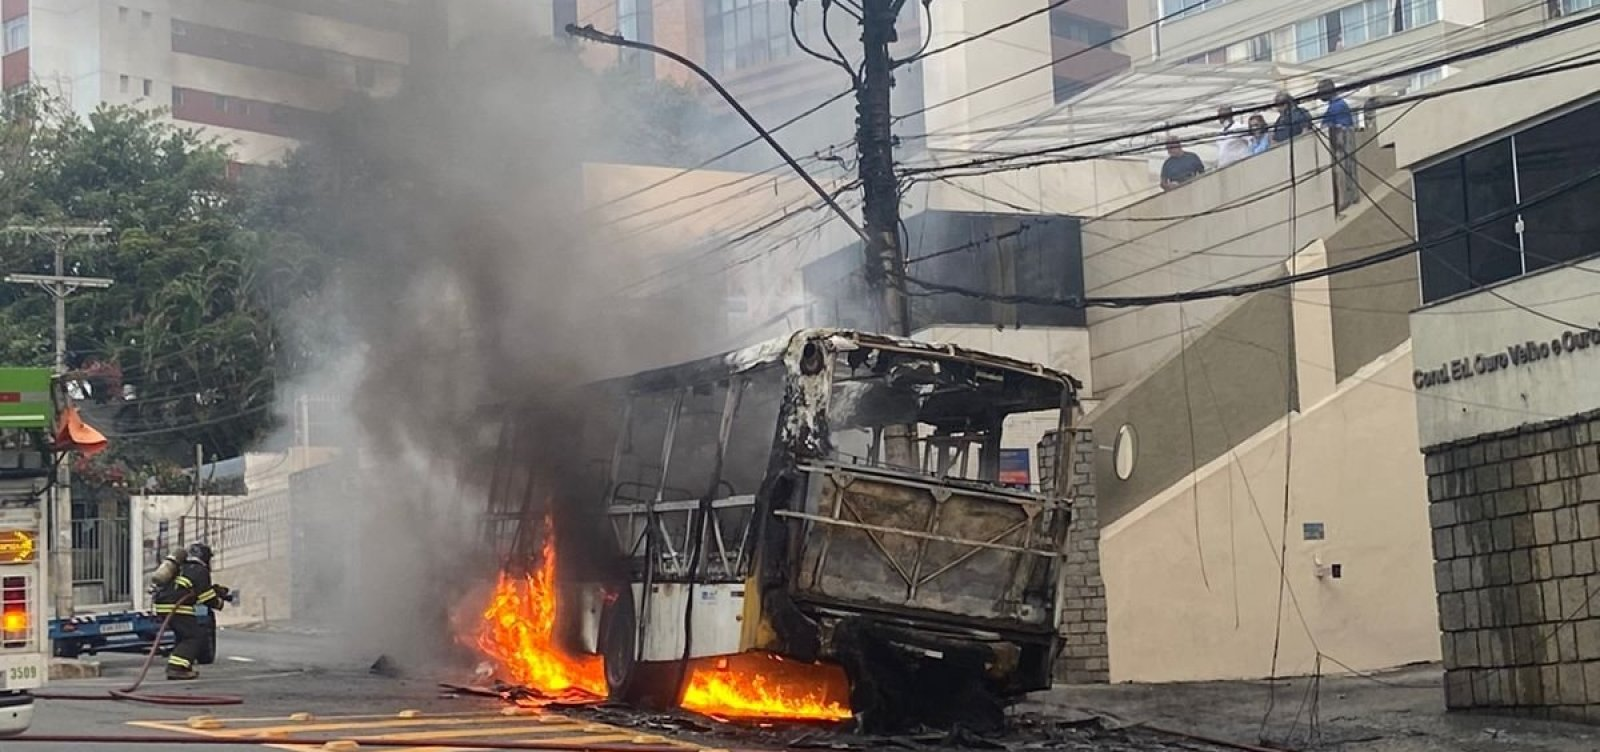 Ônibus pega fogo na Avenida Princesa Isabel e fica completamente destruído; veja vídeo